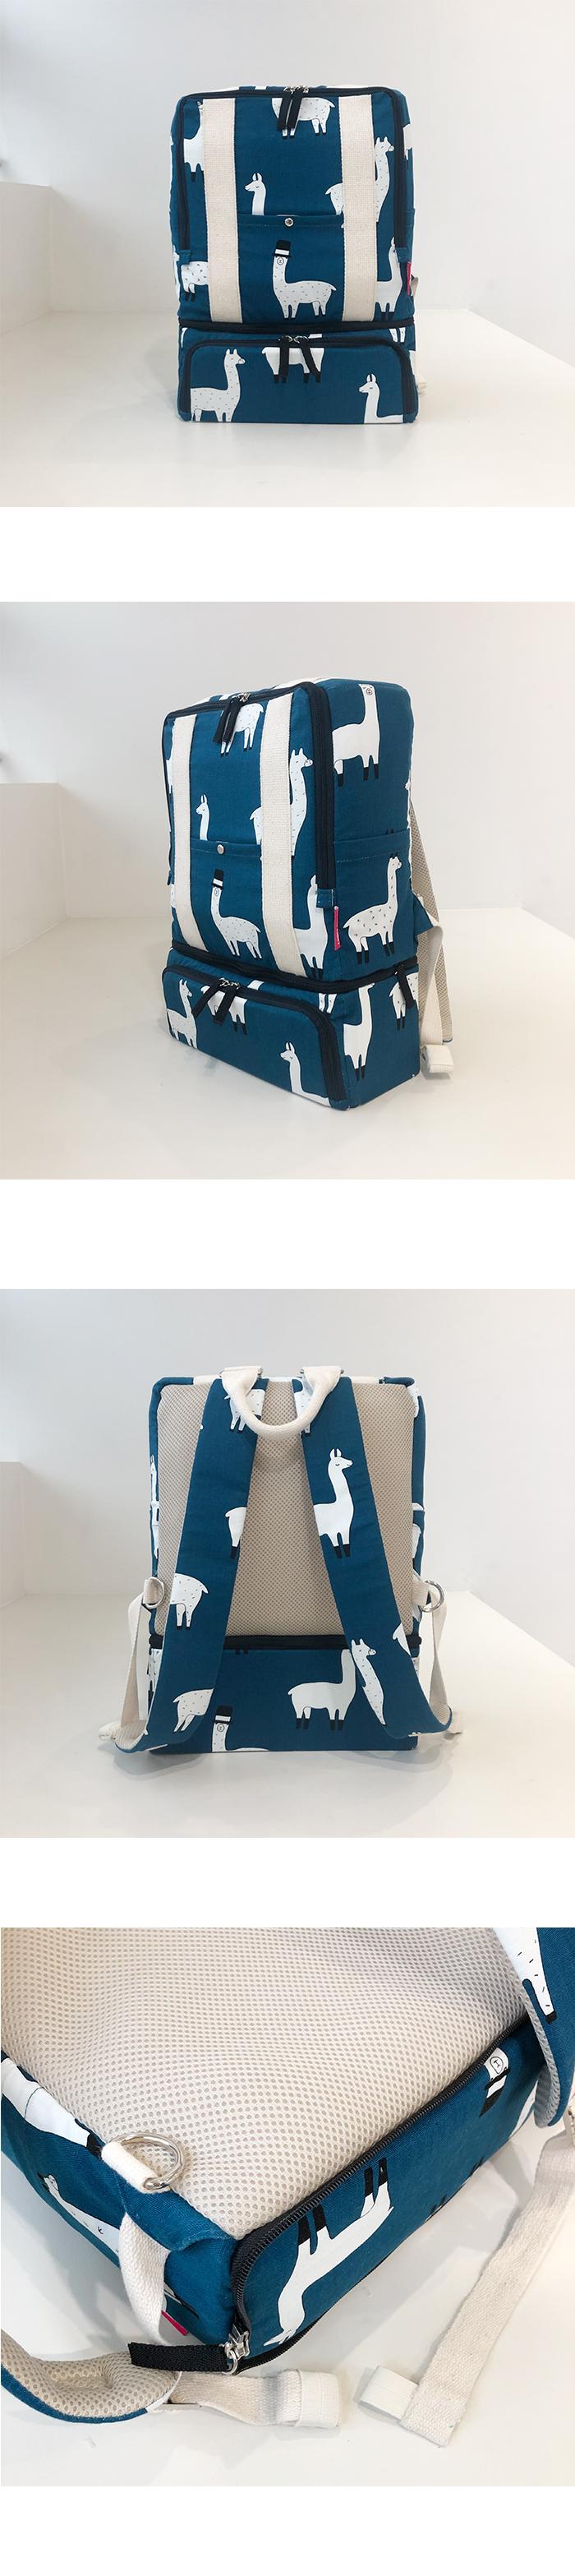 스플릿백팩 기저귀가방 - 캐리에이트, 135,000원, 파우치/보조가방, 보조가방